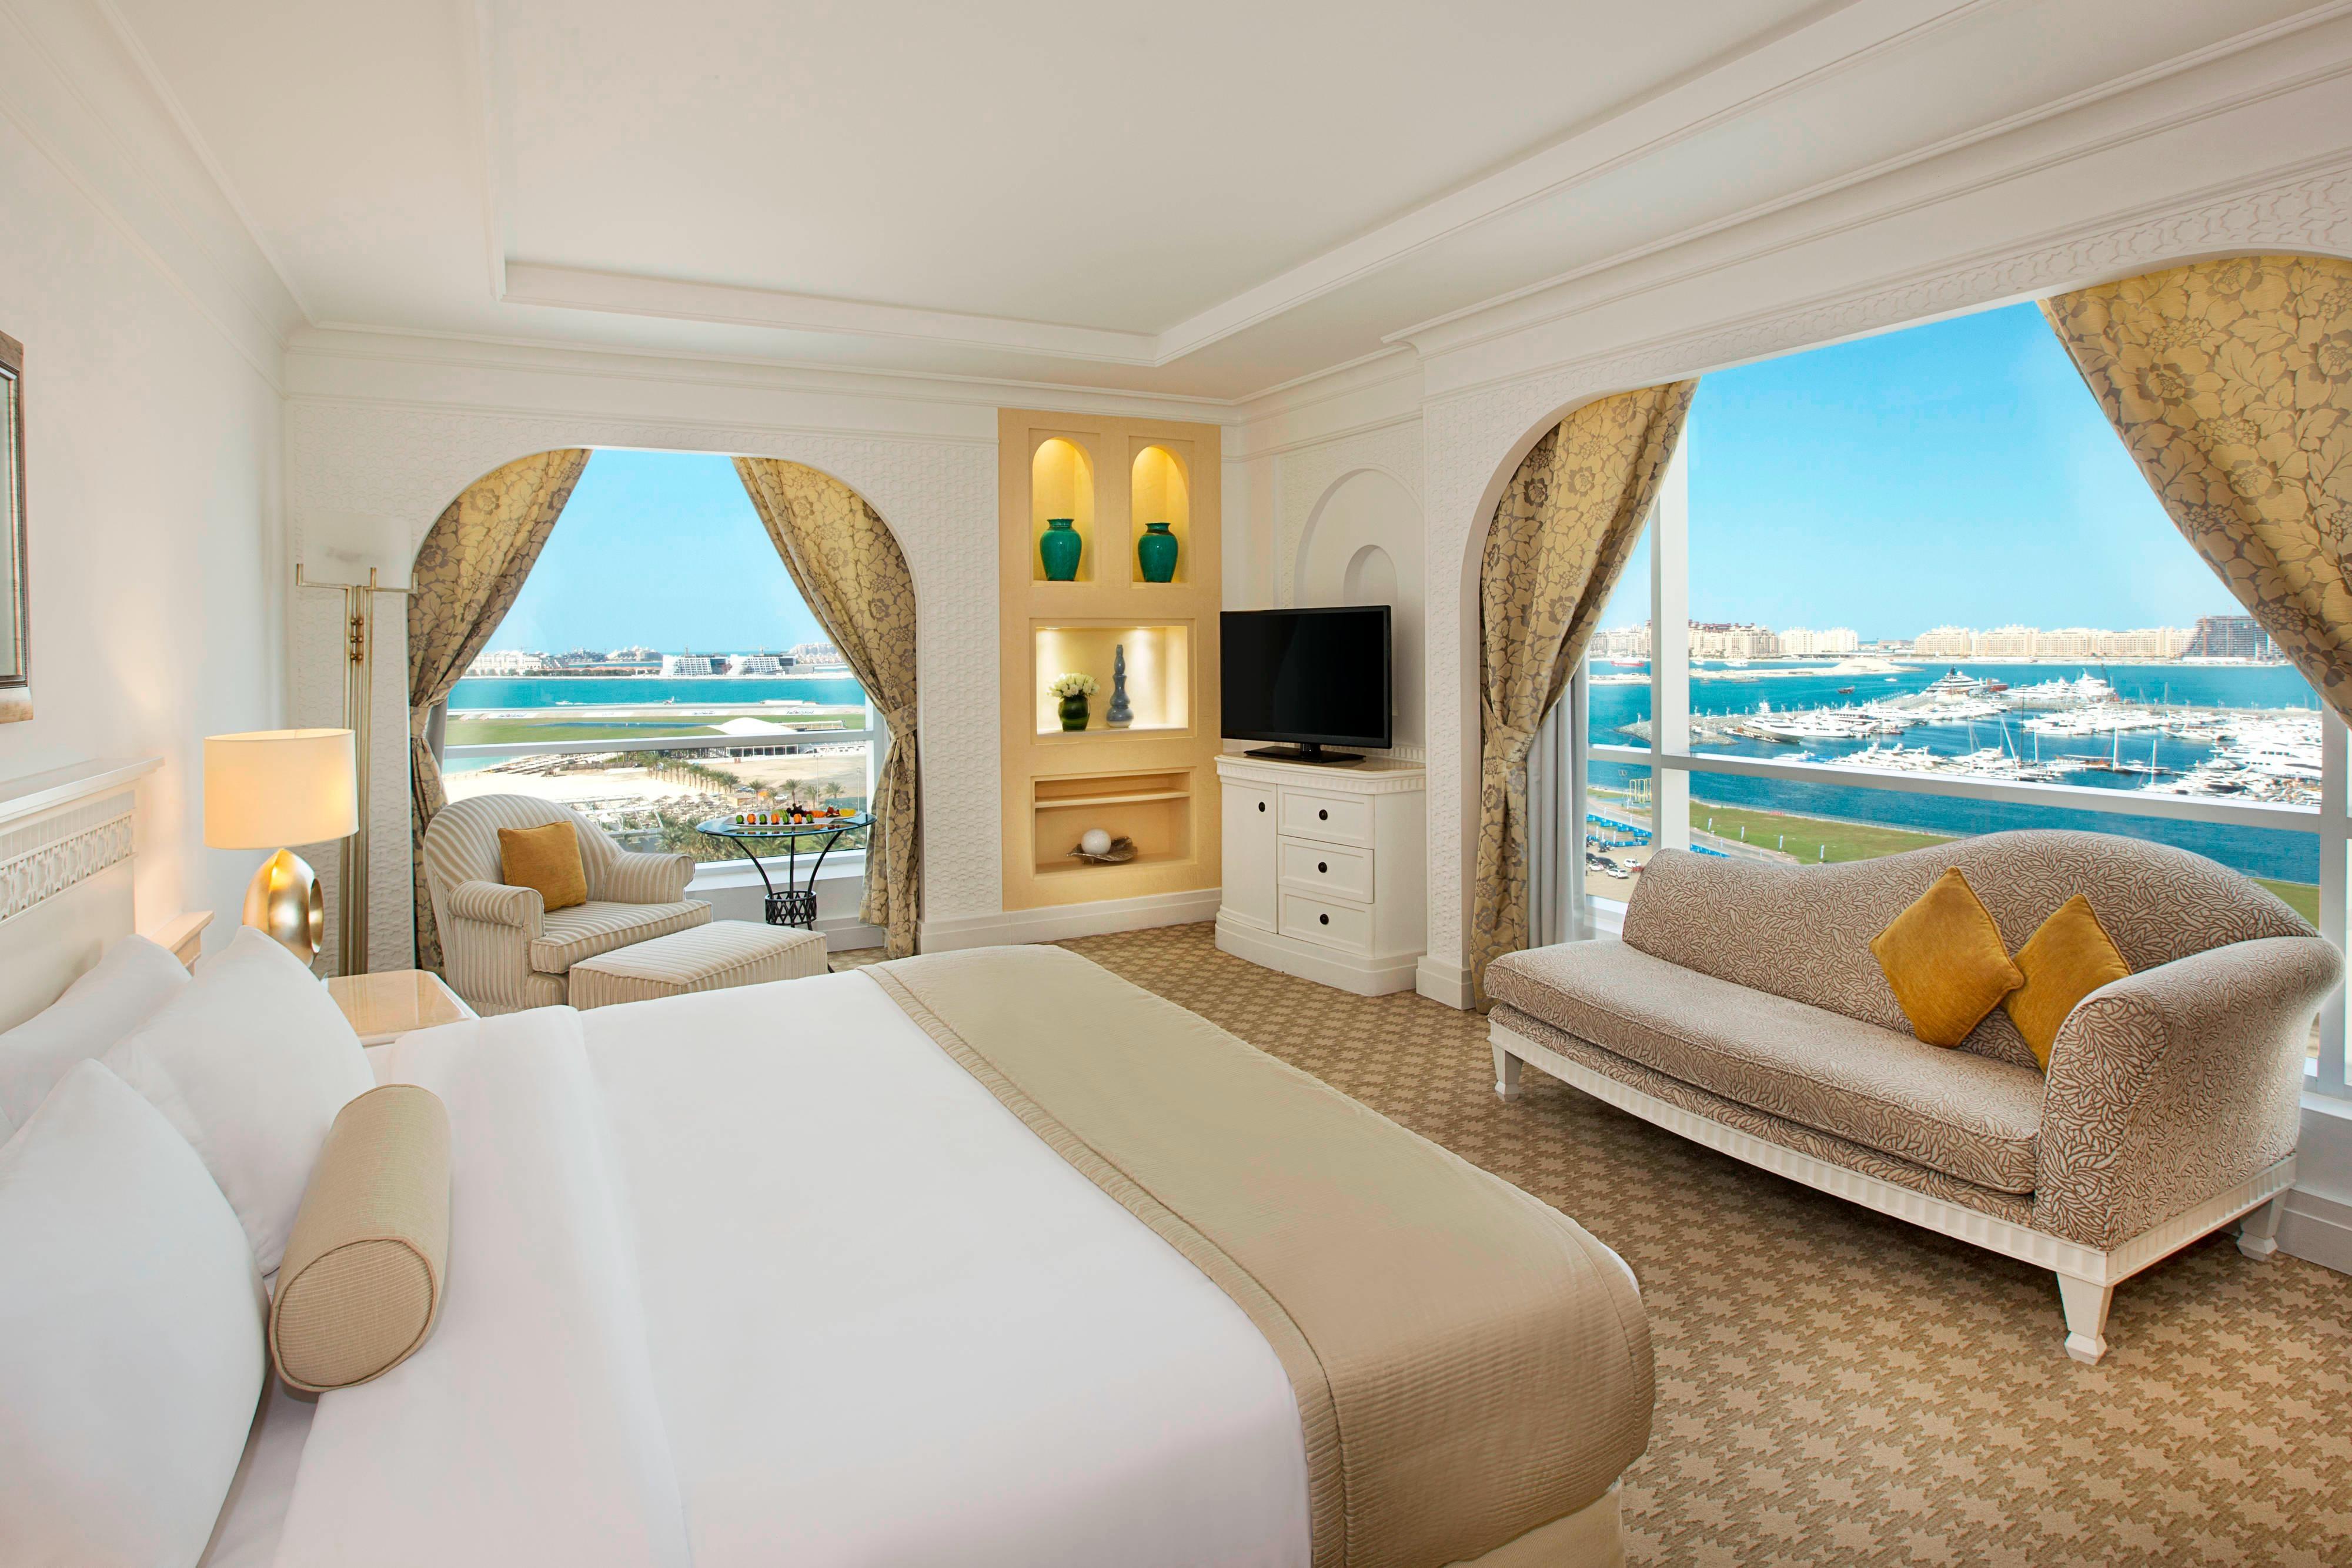 Gästezimmer mit Meerblick in Dubai